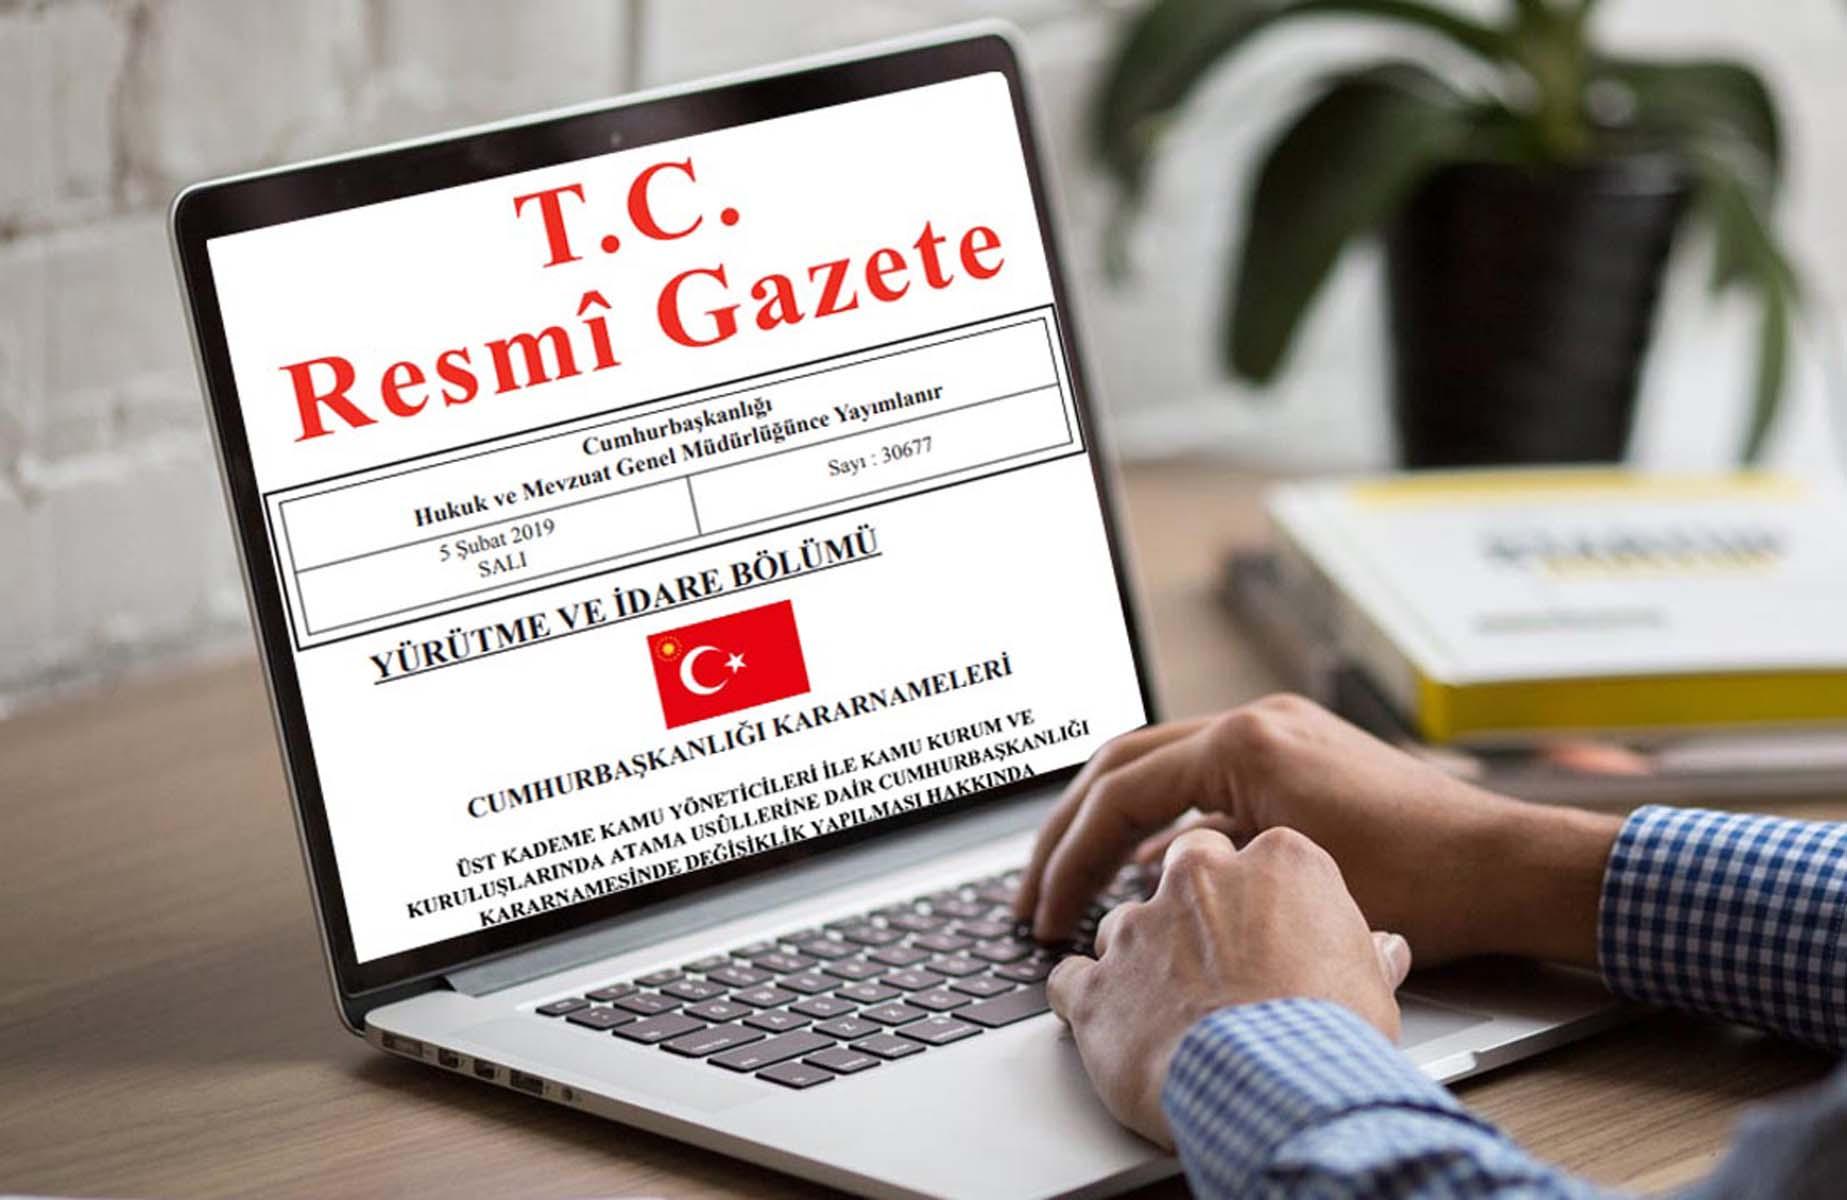 Resmi Gazete'de yayımlandı! Cumhurbaşkanı Erdoğan'dan kamuya kritik atamalar